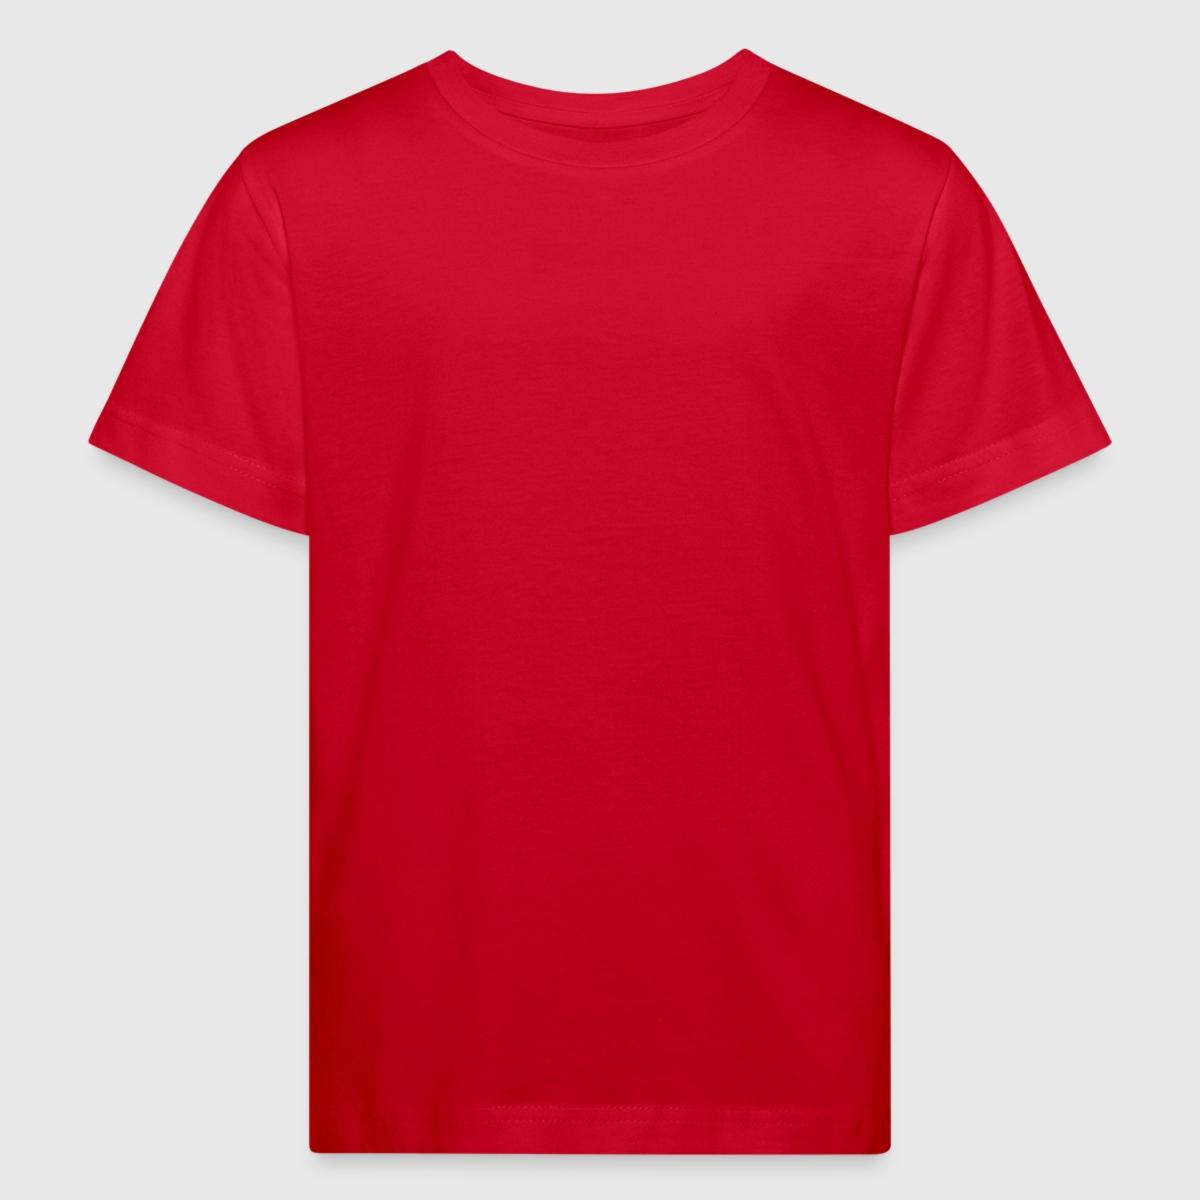 kinder bio t shirt spreadshirt. Black Bedroom Furniture Sets. Home Design Ideas